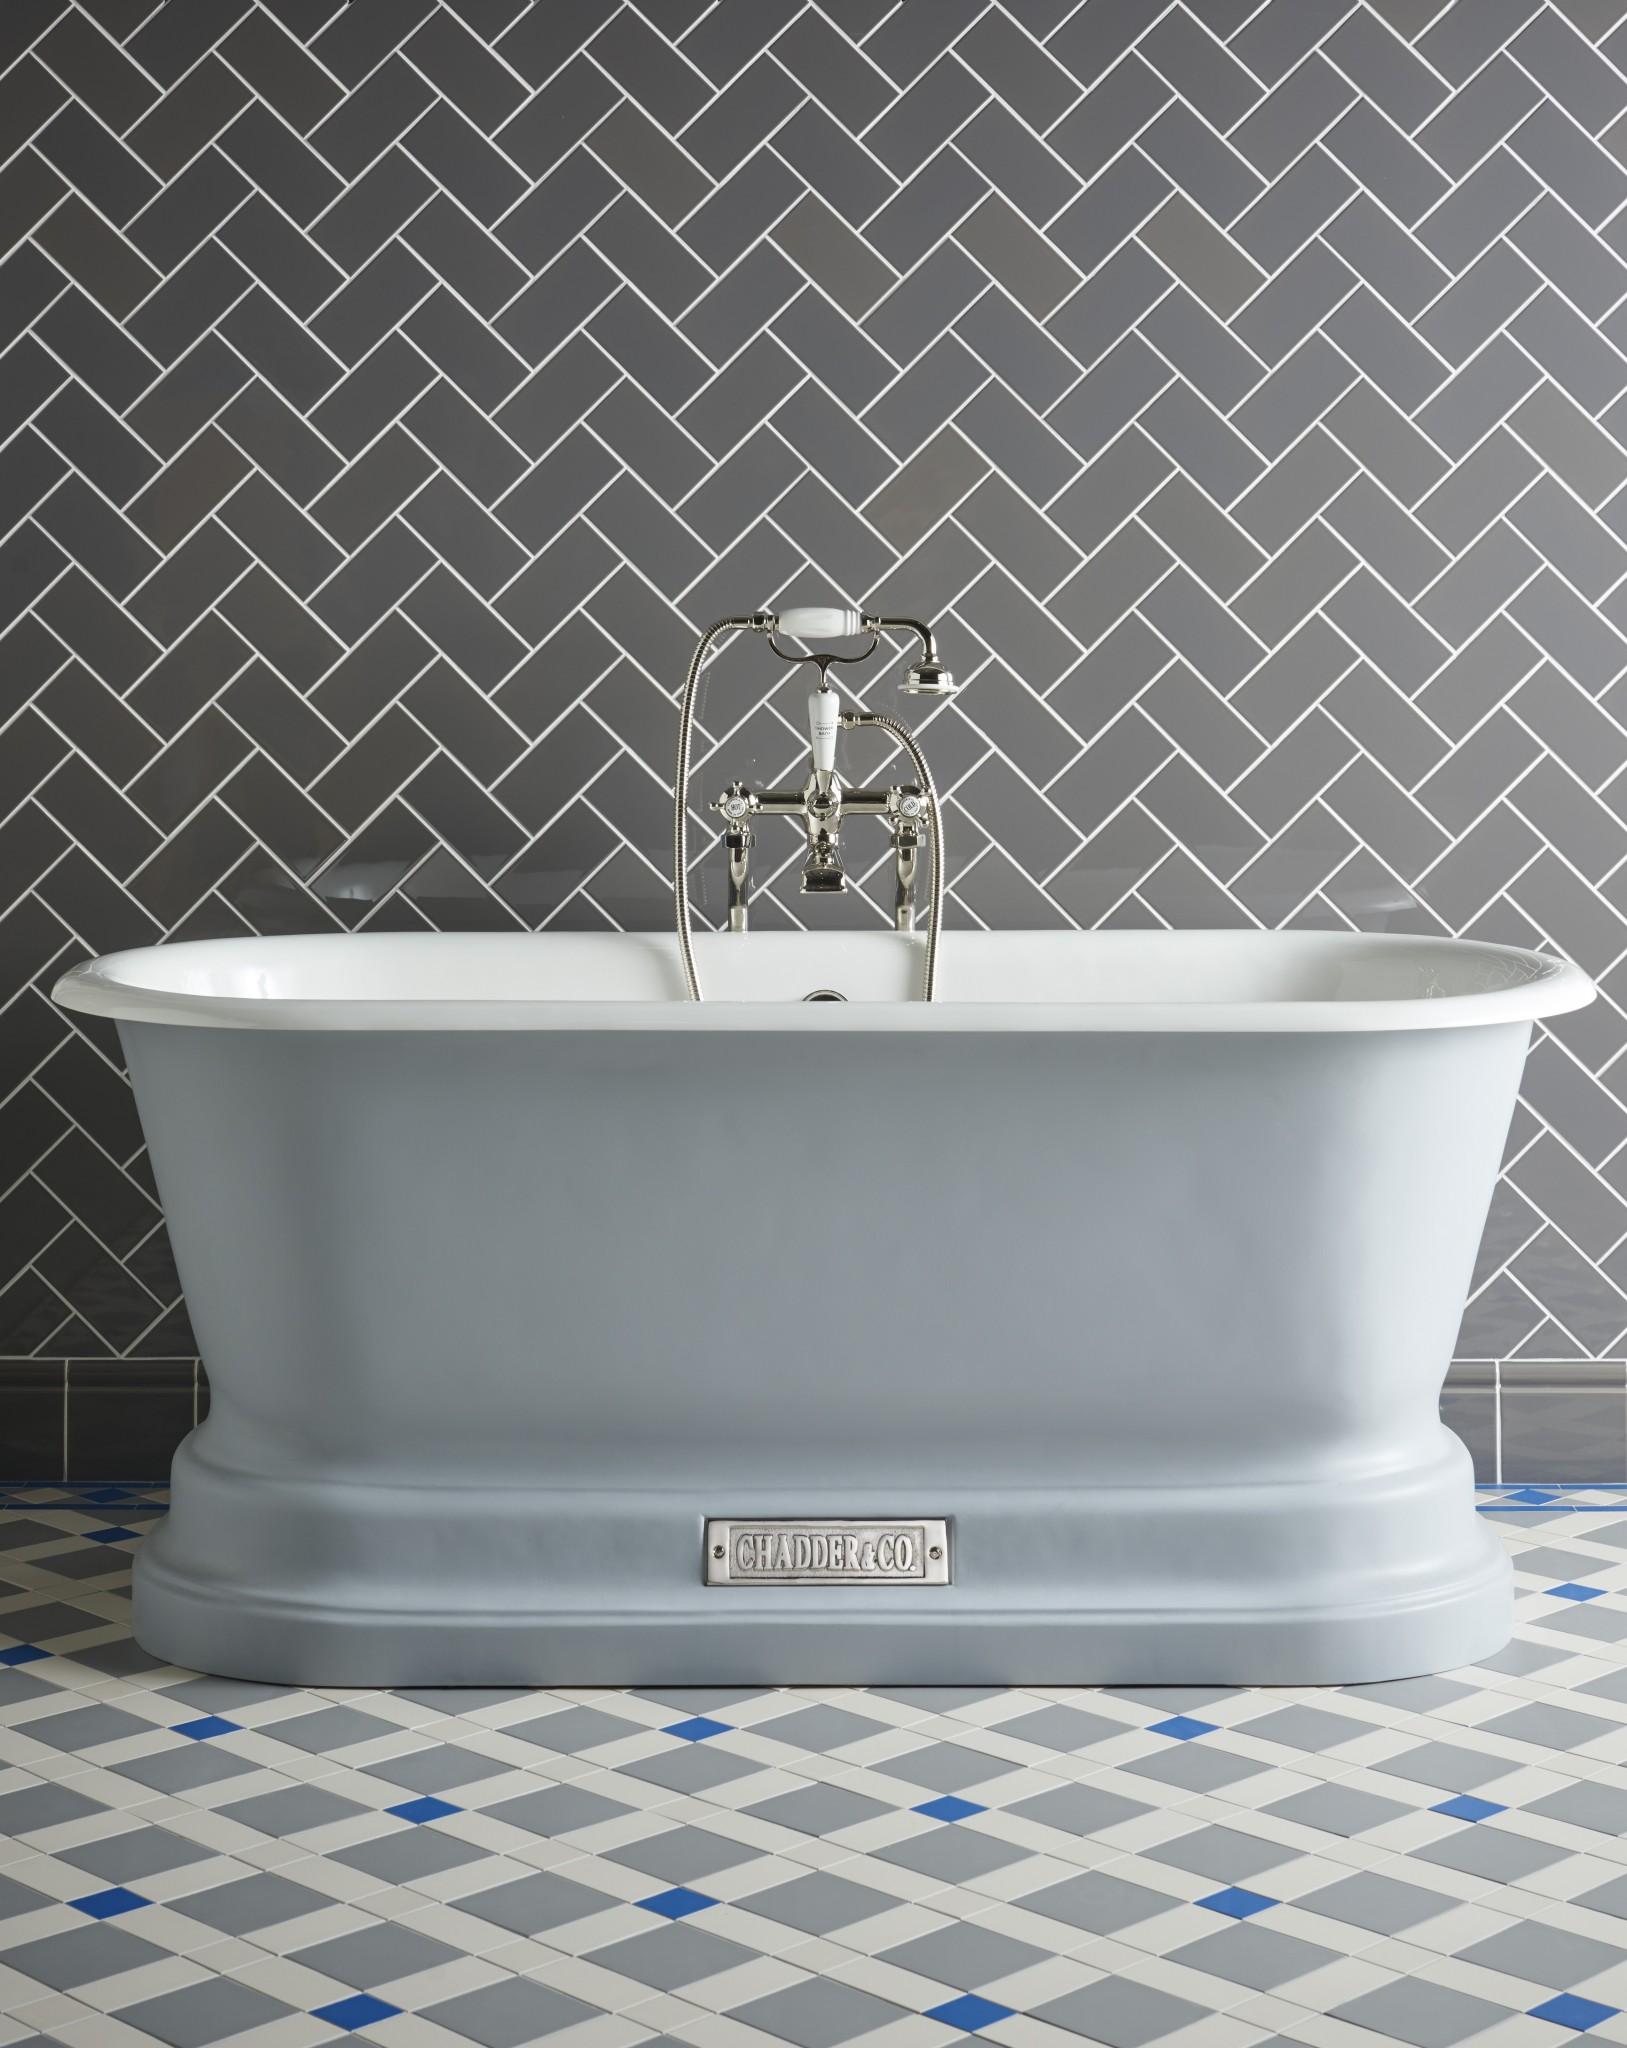 chadder bath tub luxury bath blue bath